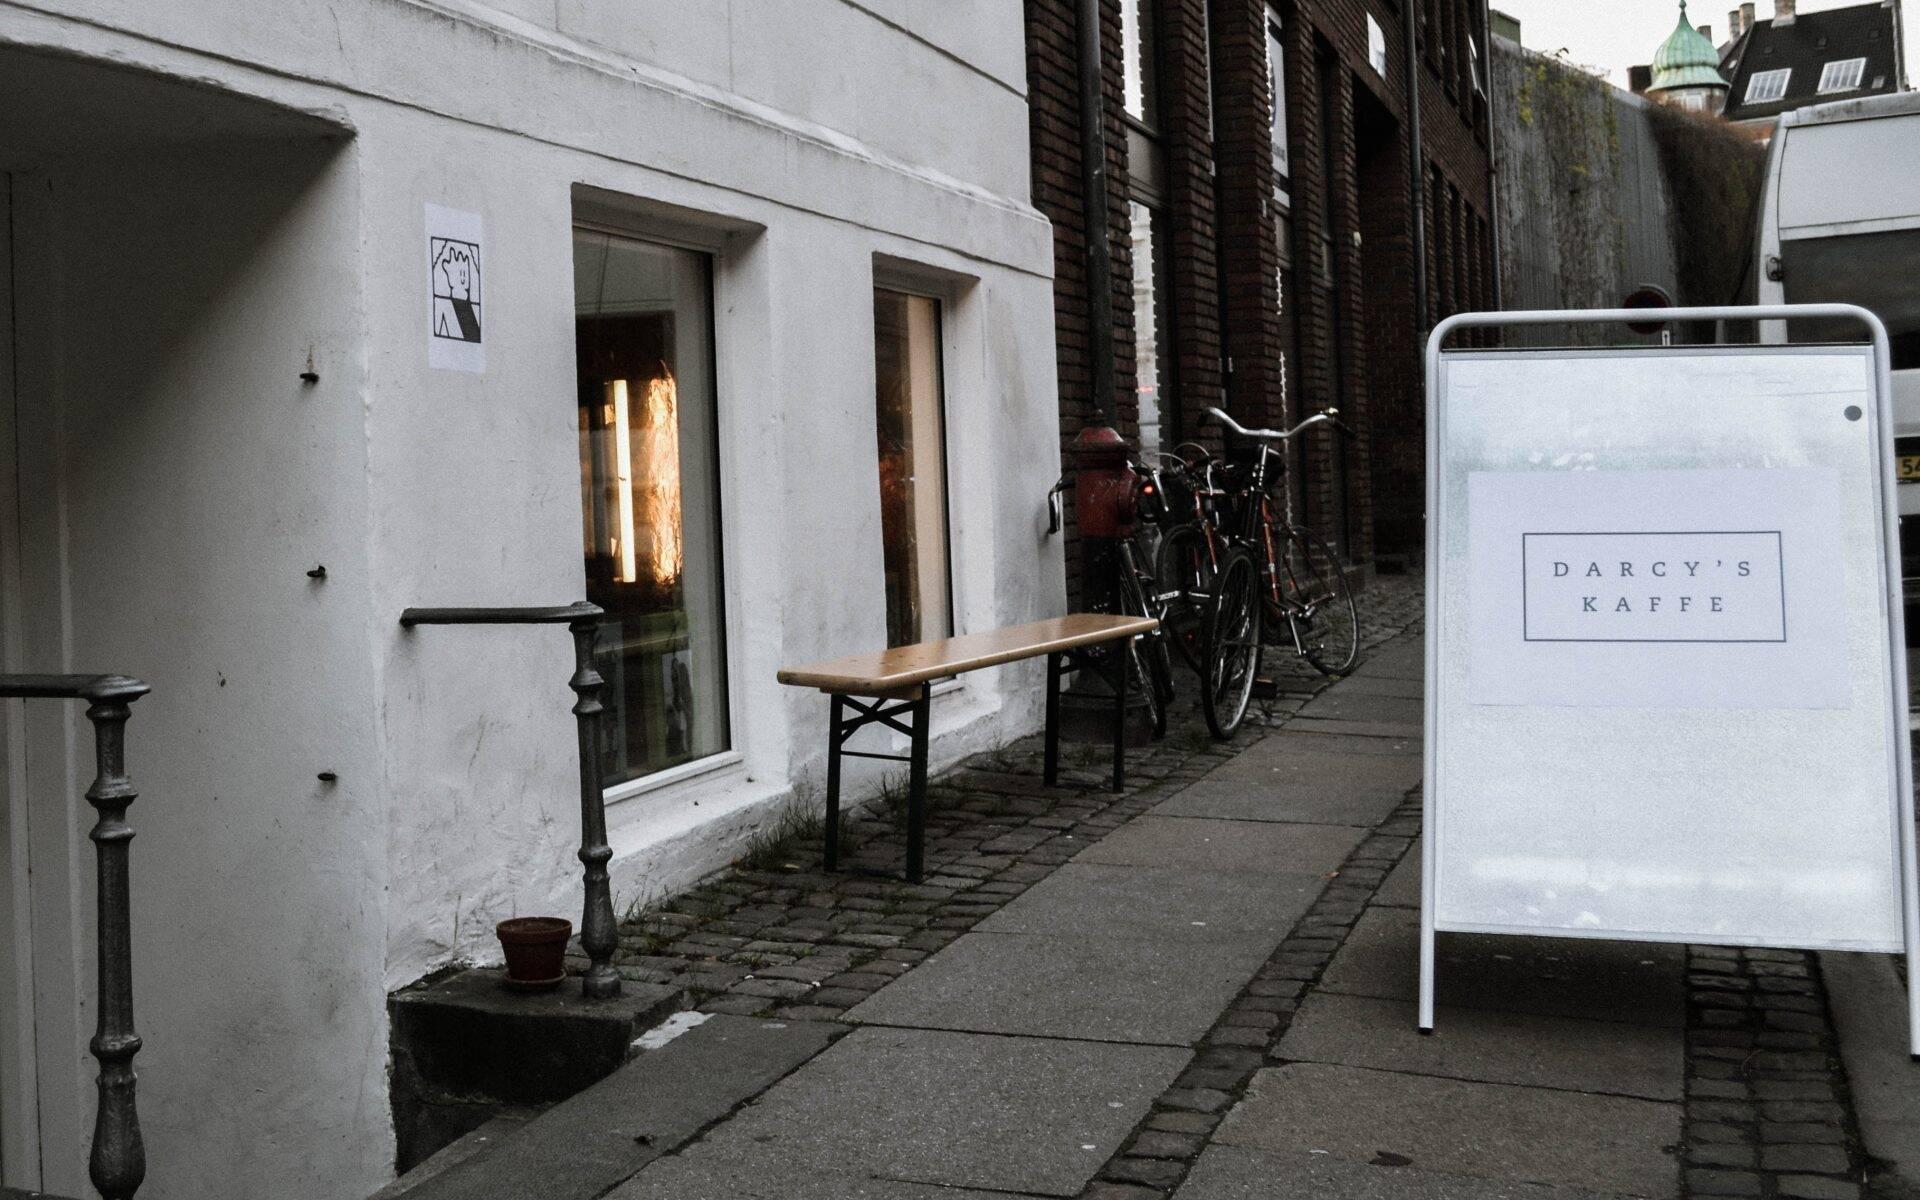 Darcy's Kaffe Kopenhagen